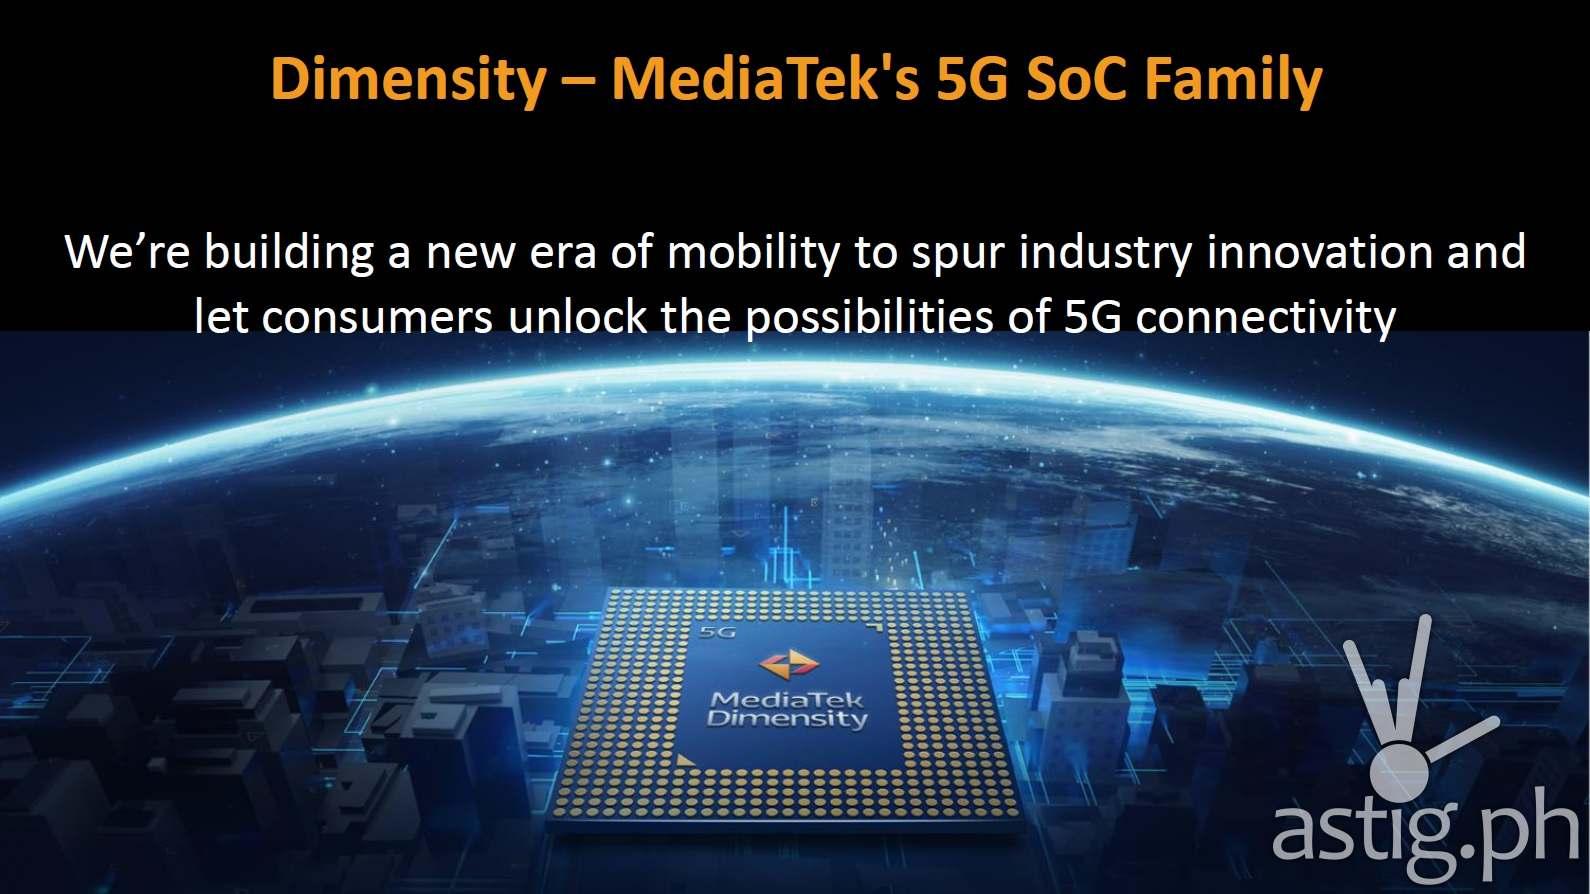 MediaTek Dimensity 5G SoC